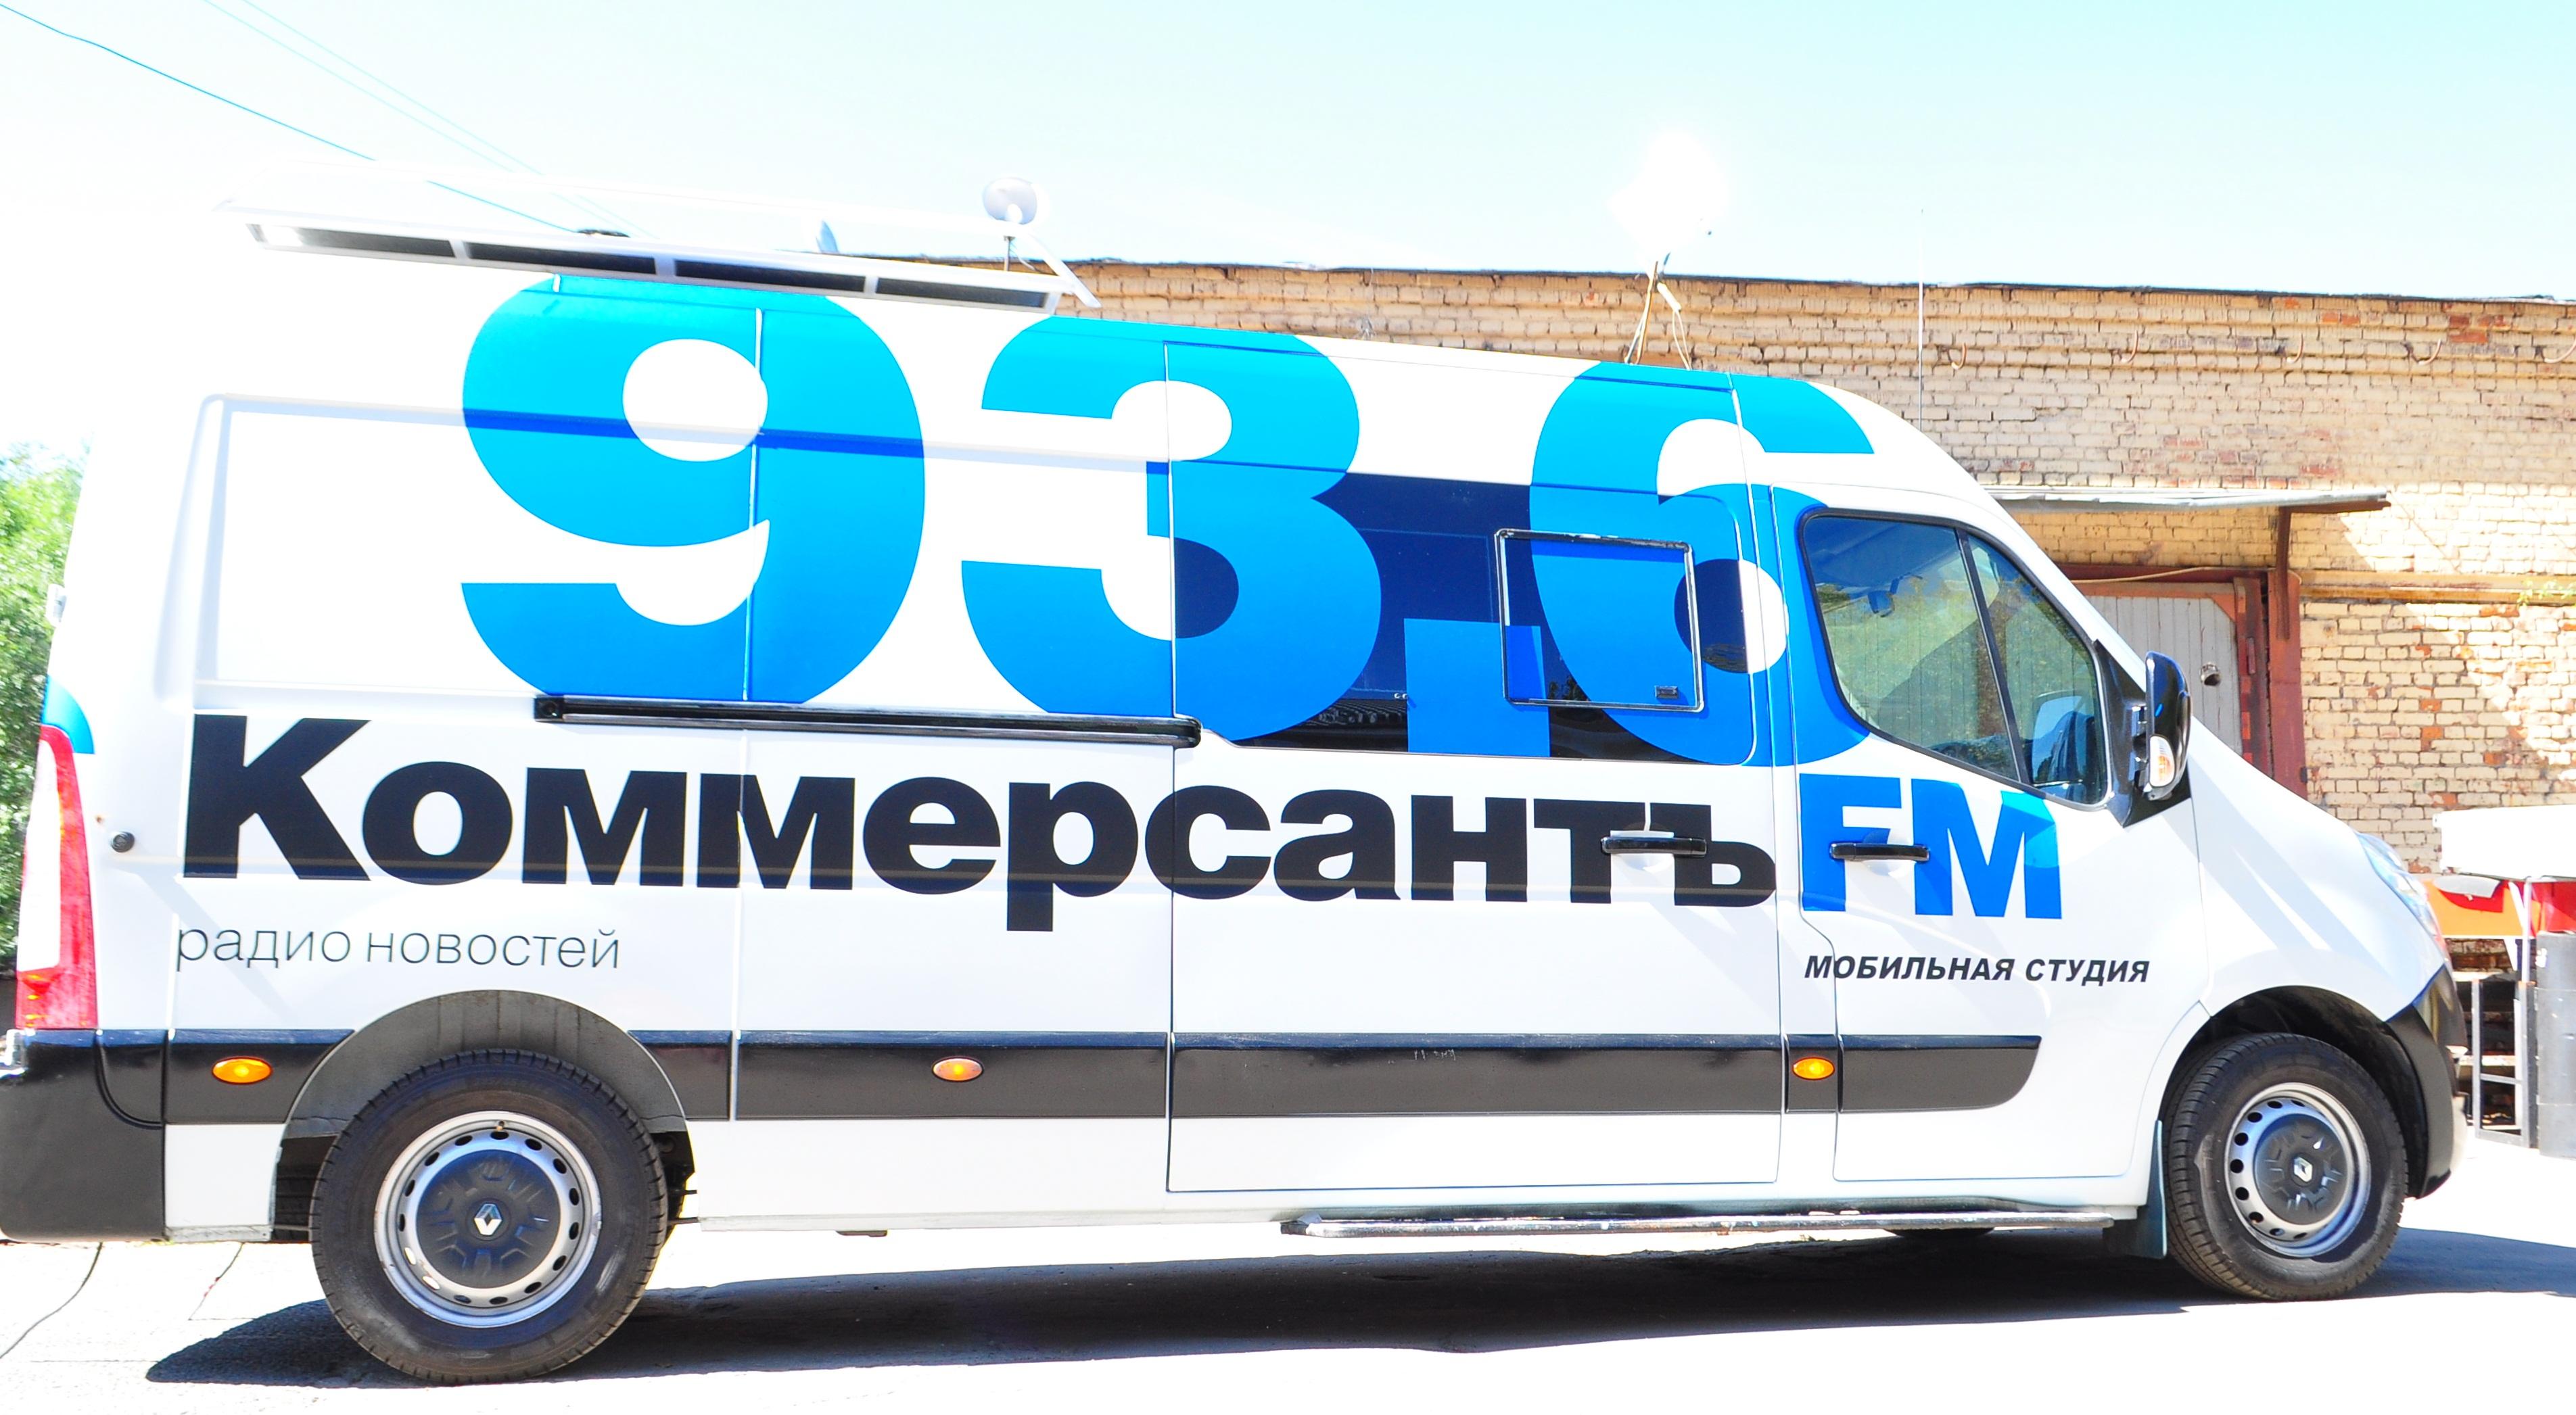 Коммерсант FM — теперь не только радио!